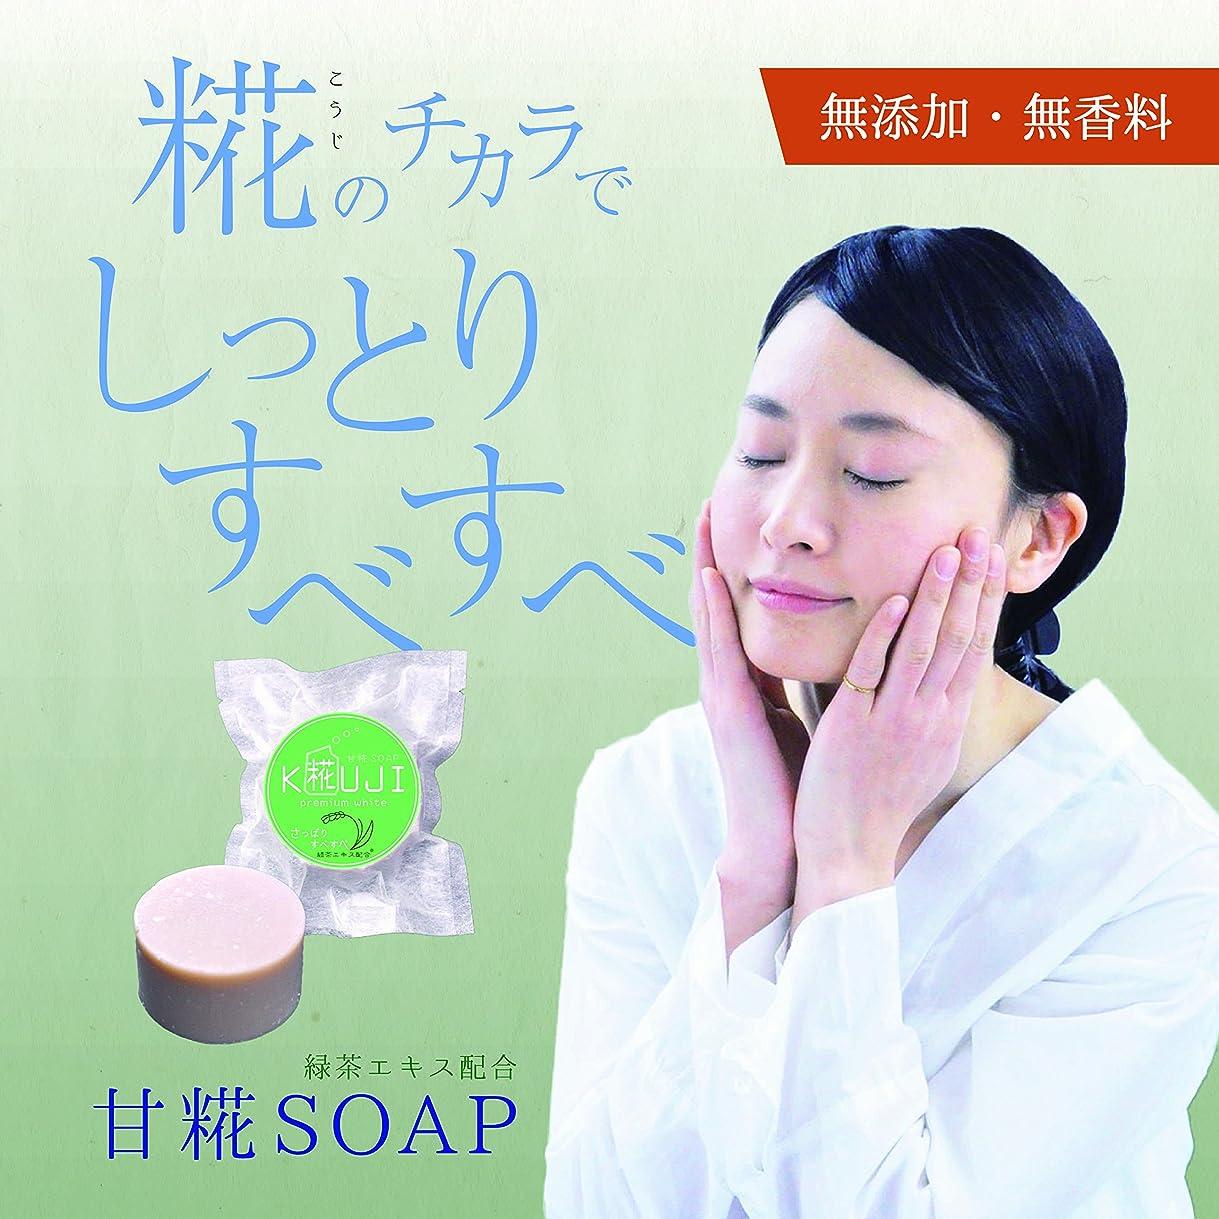 ロバディスパッチミサイル甘糀SOAP(プレミアムホワイト)